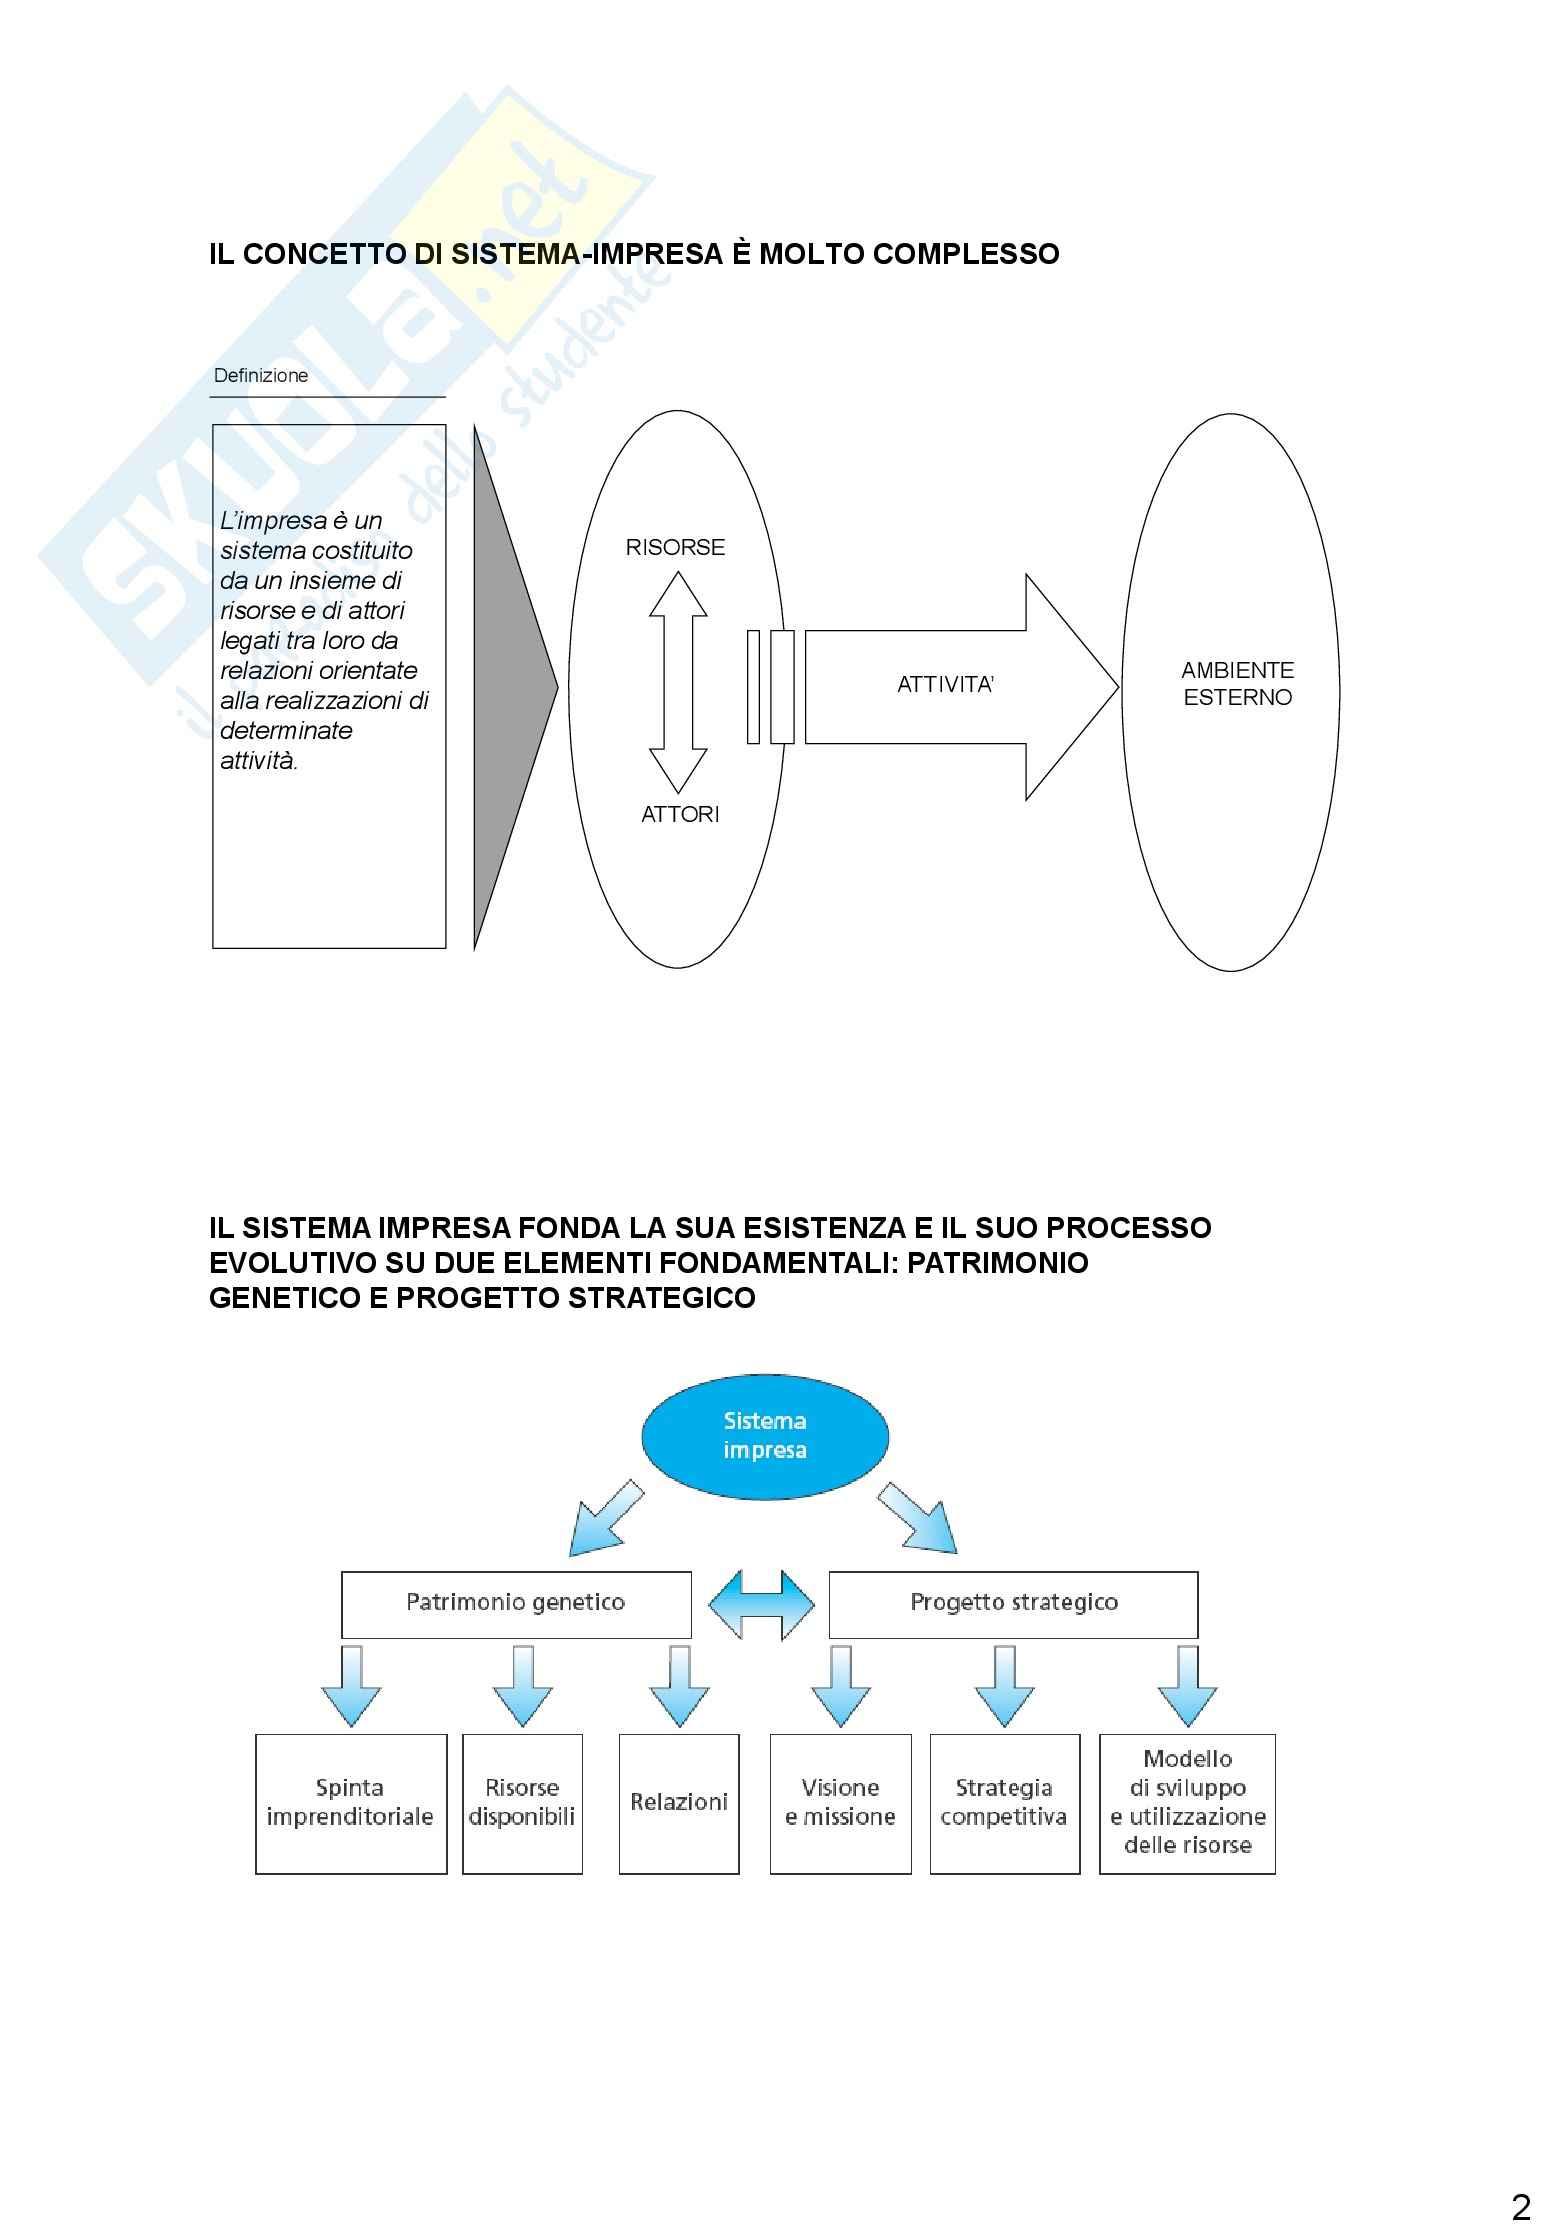 Economia e gestione delle imprese - il sistema impresa Pag. 2